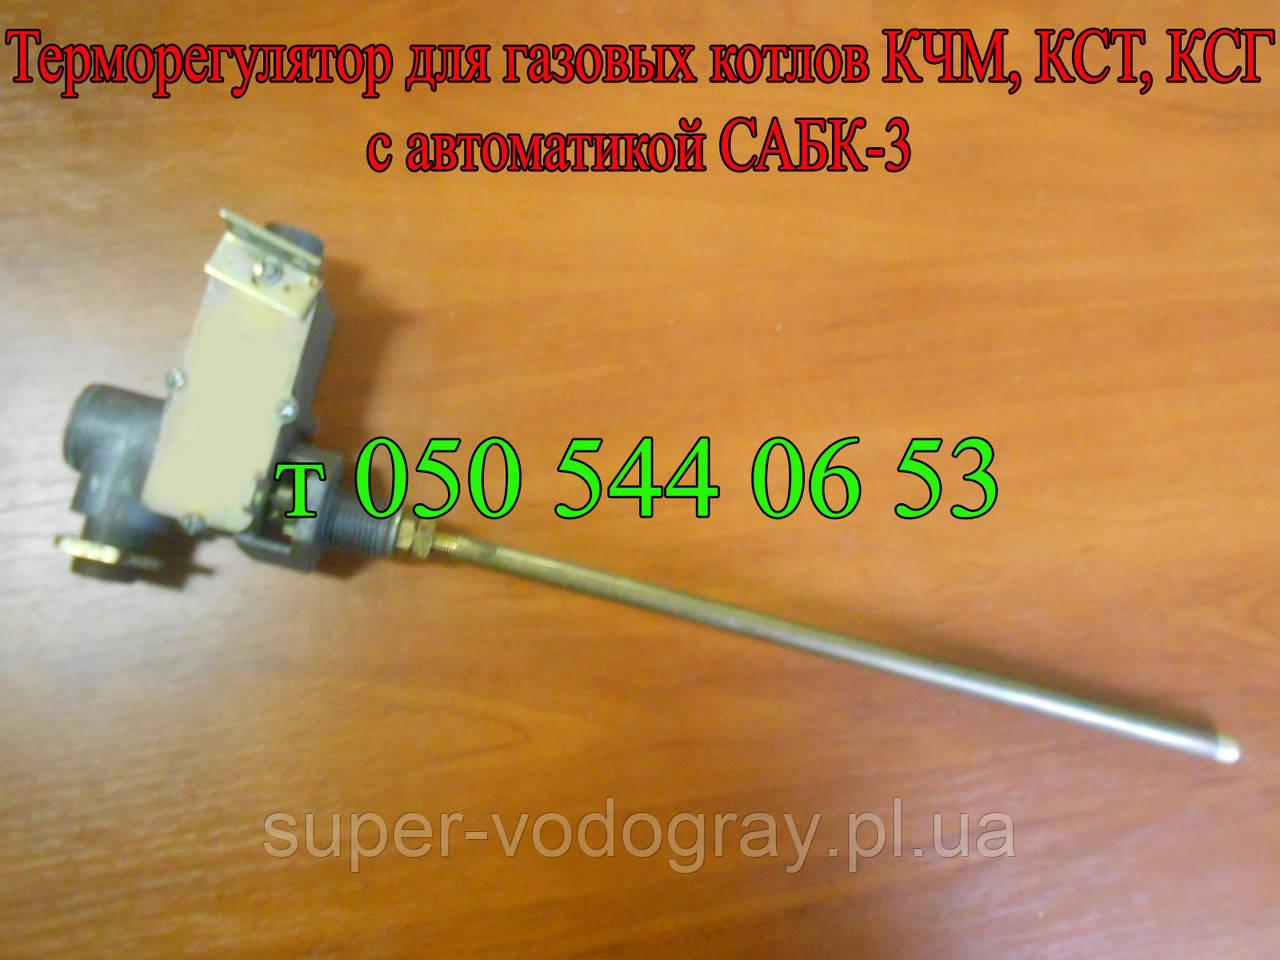 Терморегулятор для газовых котлов с автоматикой САБК-3